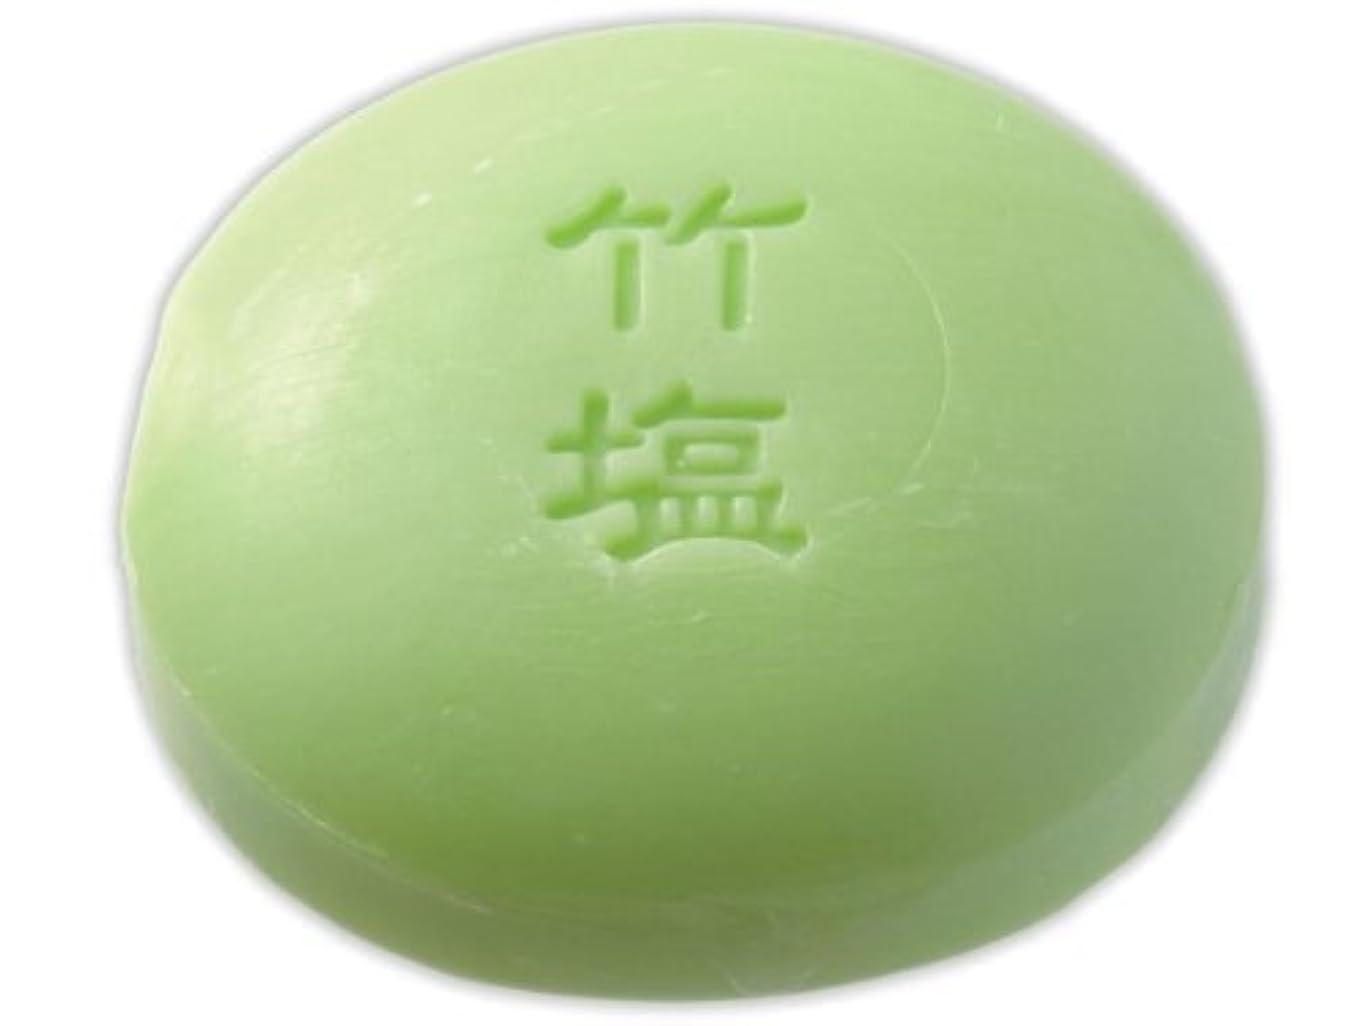 梨いっぱい説教する和み庵 石けん(竹塩石けん) 30g×1個